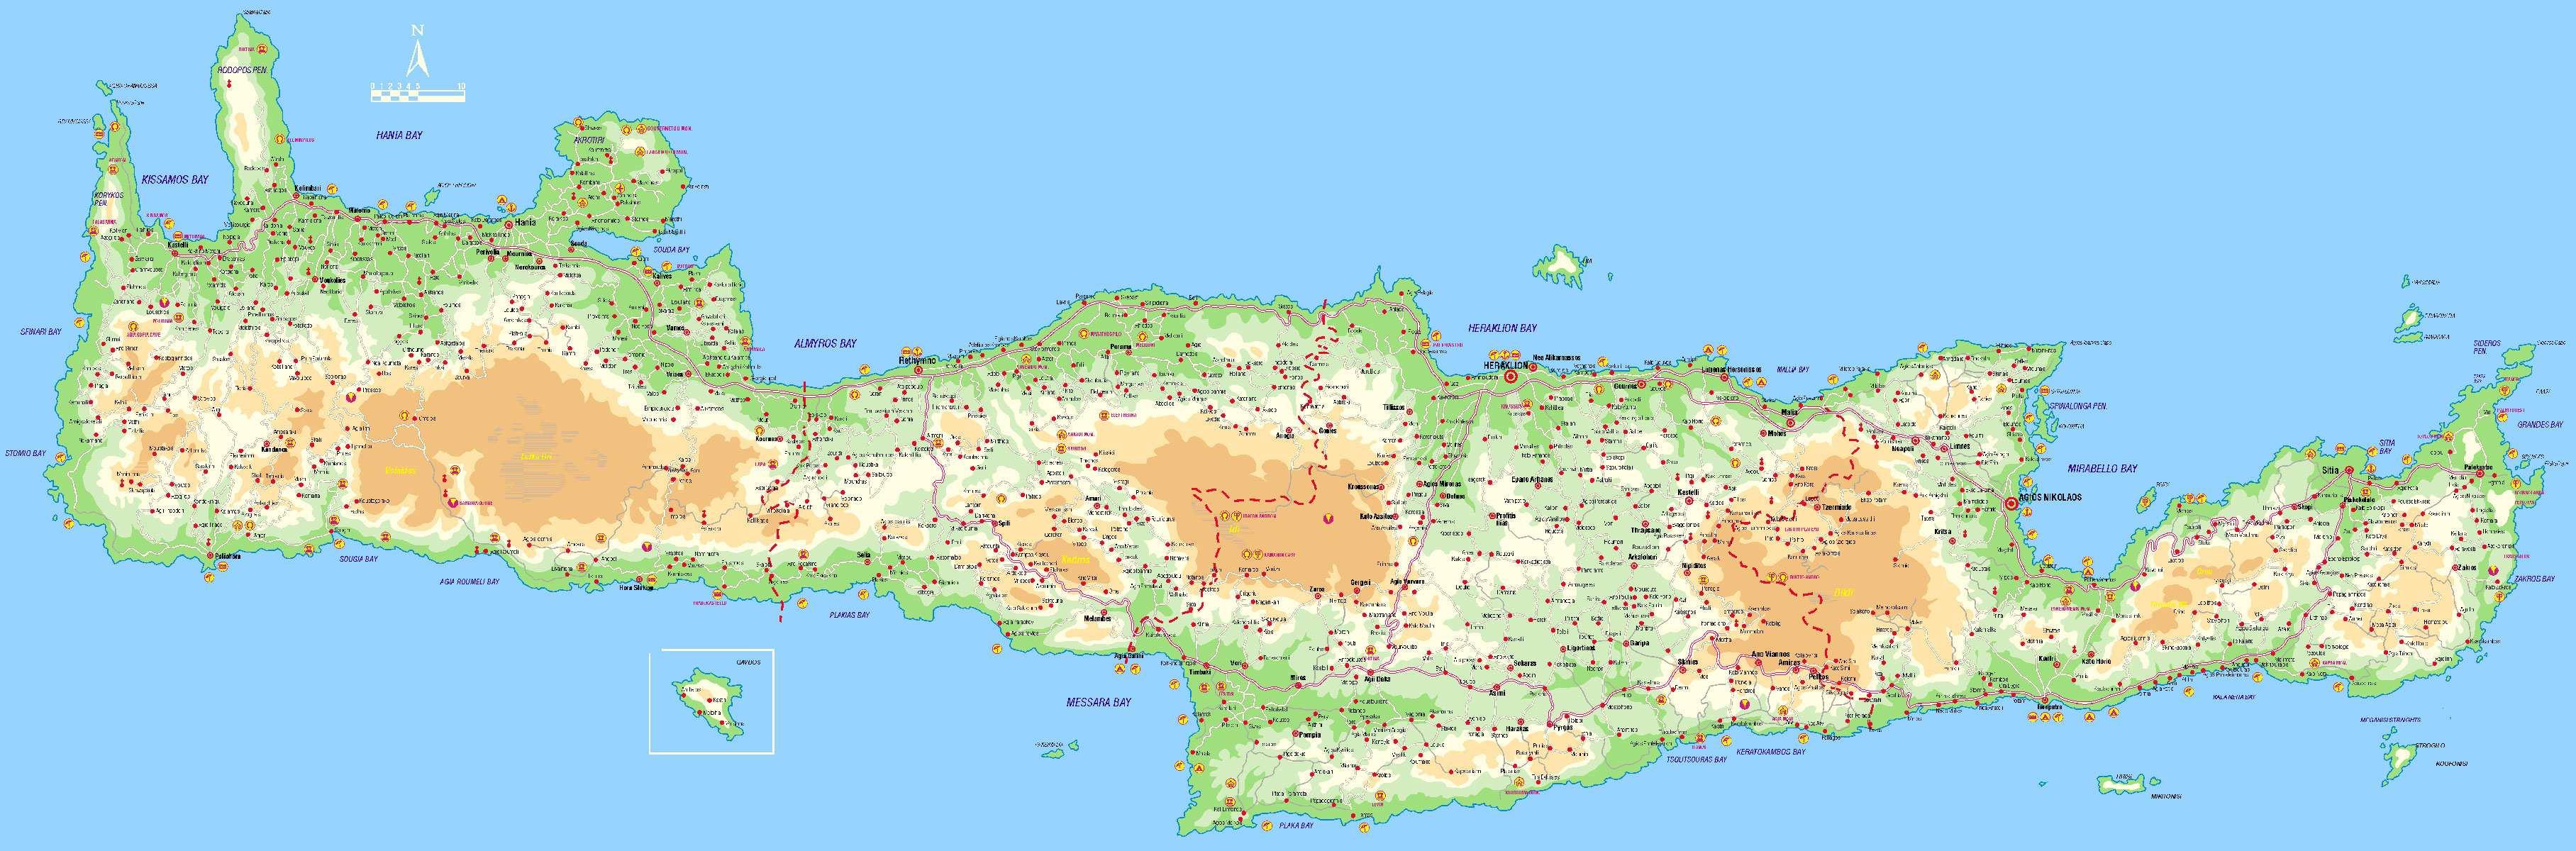 landkarte von kreta Stadtplan von Kreta | Detaillierte gedruckte Karten von Kreta  landkarte von kreta